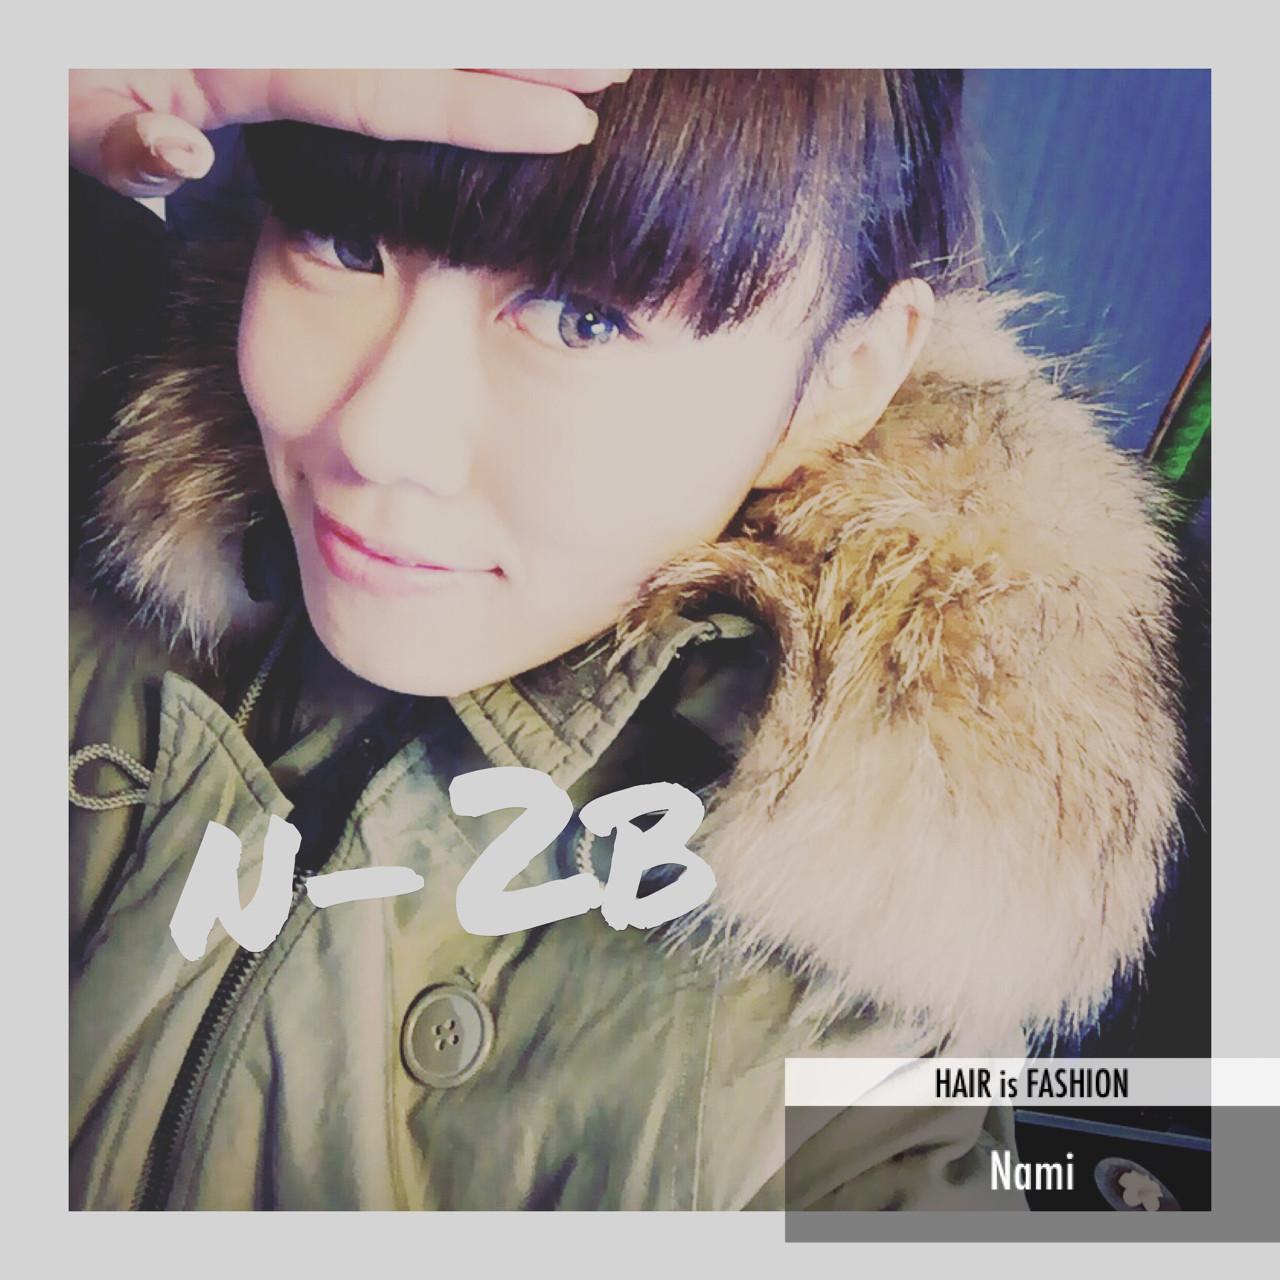 ミディアム ヘアアレンジ ポニーテール オン眉 ヘアスタイルや髪型の写真・画像   Nami /